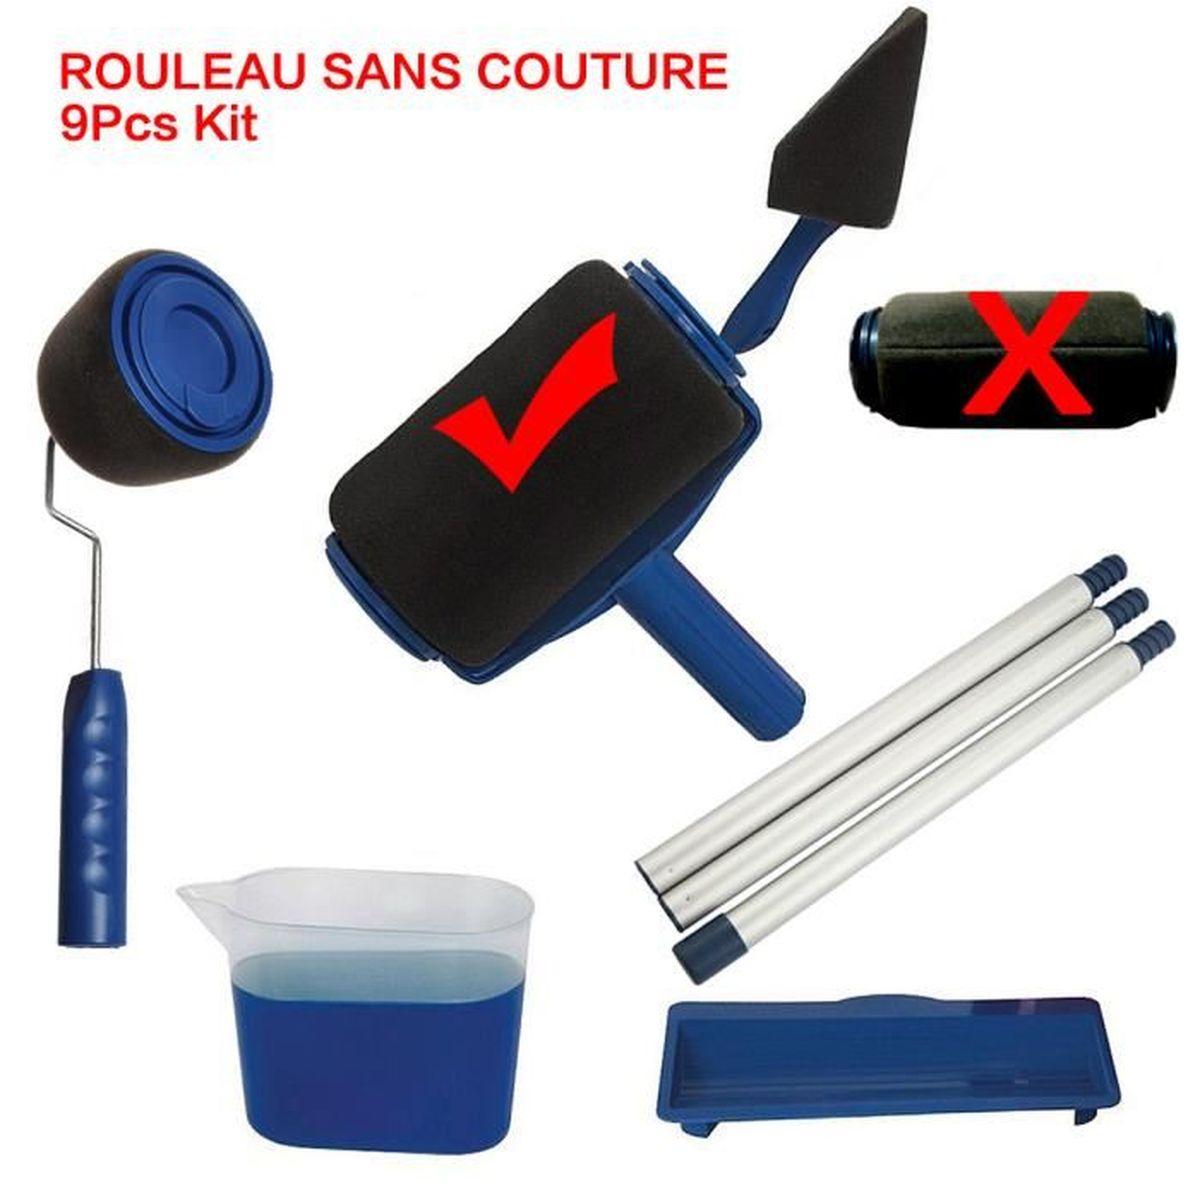 ROULEAU DE PEINTURE Rouleau Peinture Avec Reservoir, Sans Couture Anti